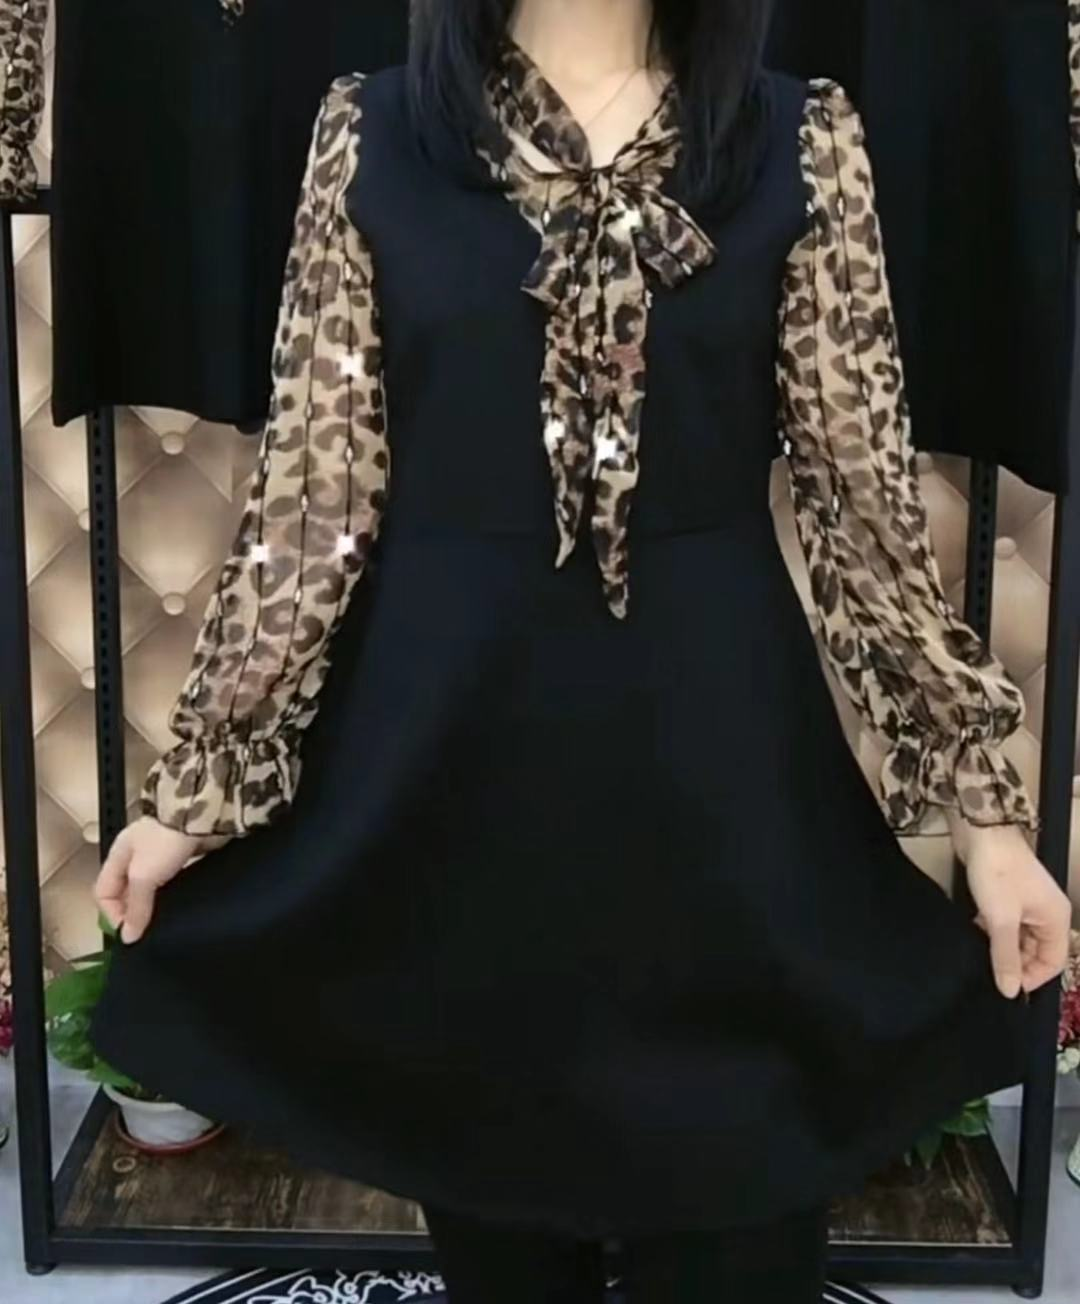 新款修身连衣裙 2019年秋冬新款韩版时尚洋气修身显瘦俩两件连衣裙女65123_推荐淘宝好看的新款修身连衣裙